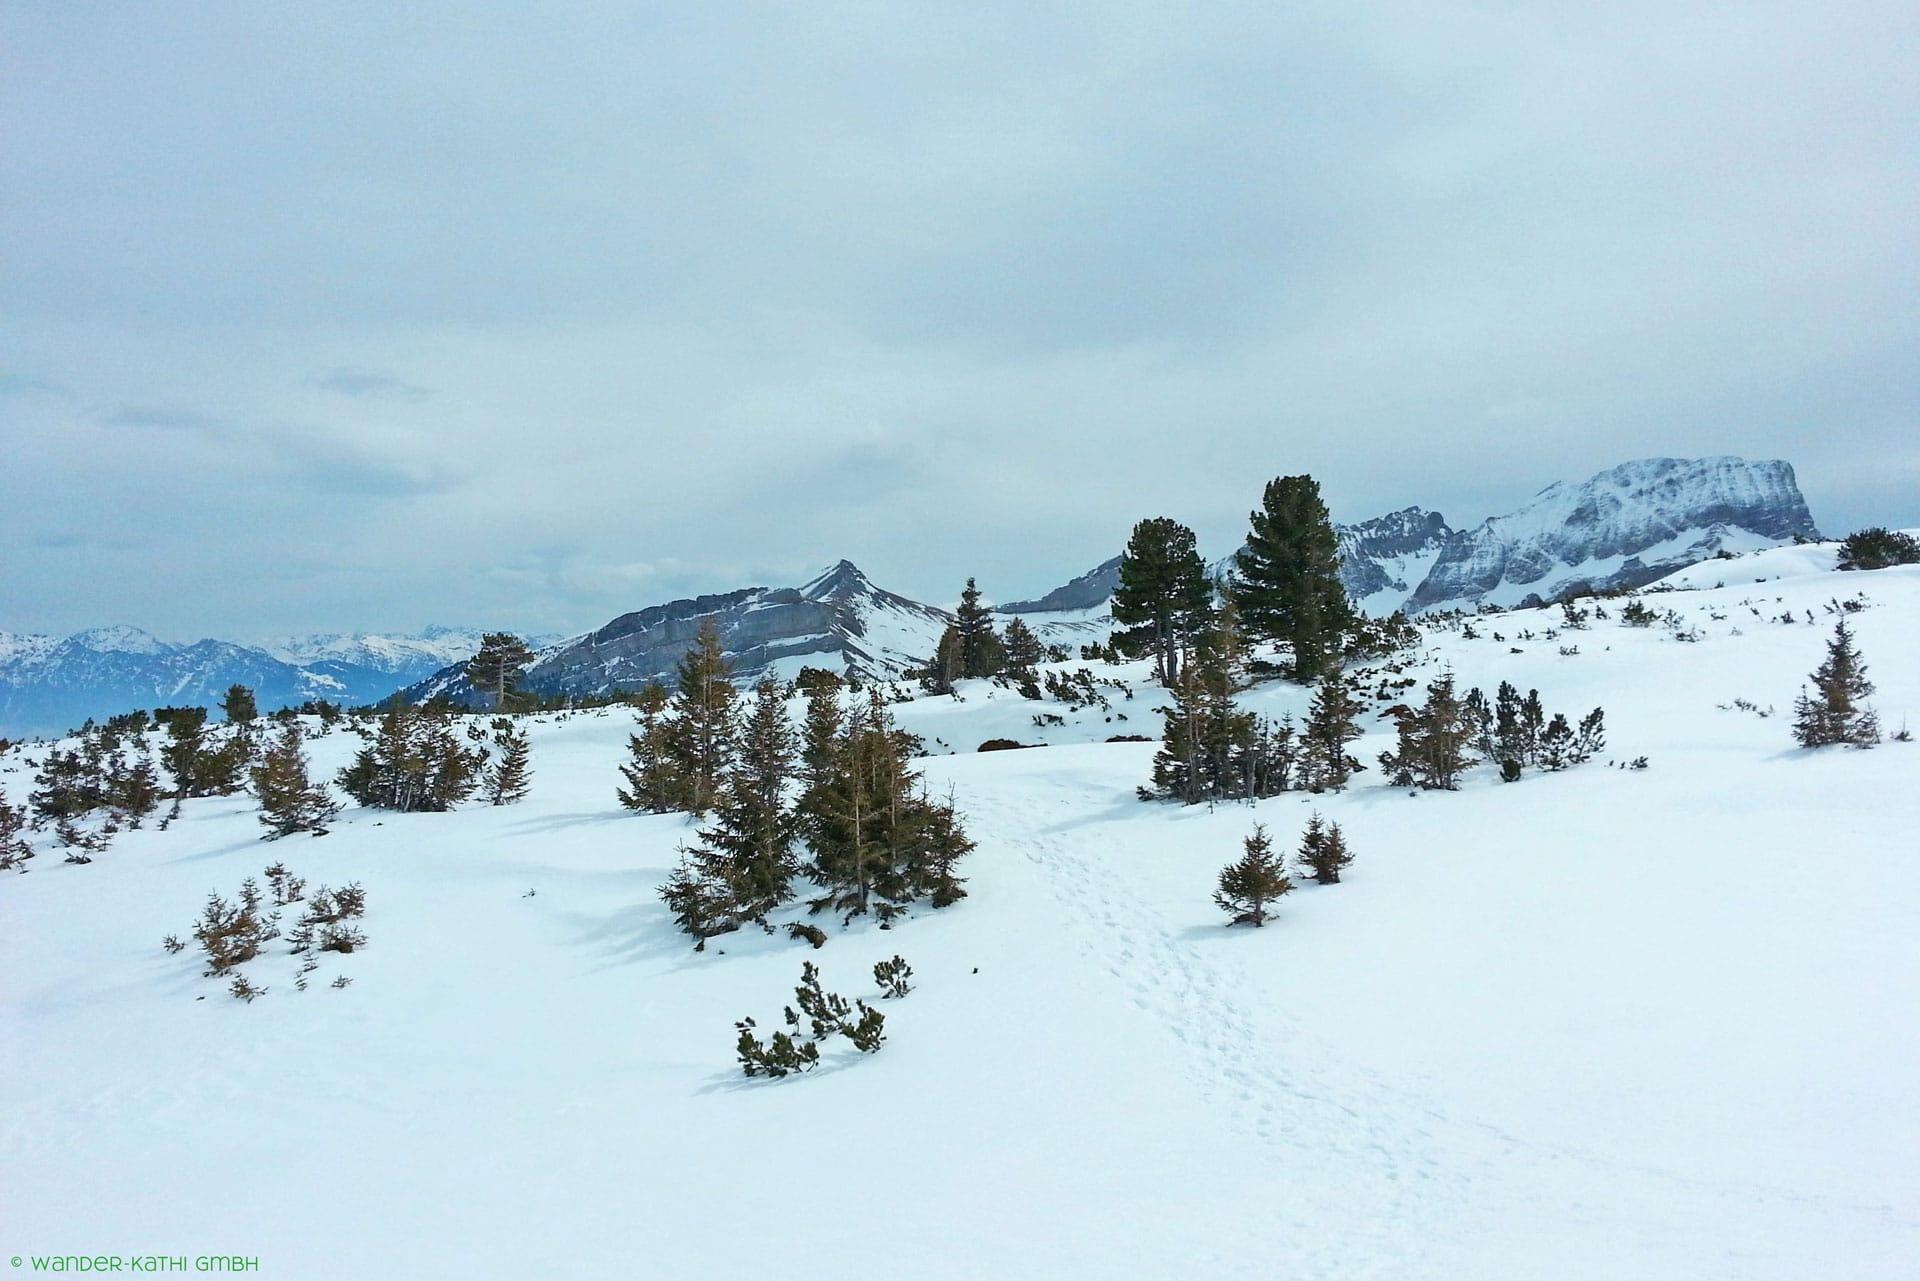 liechtenstein-schneeschuhtouren-wildhaus-wander-kathi-002